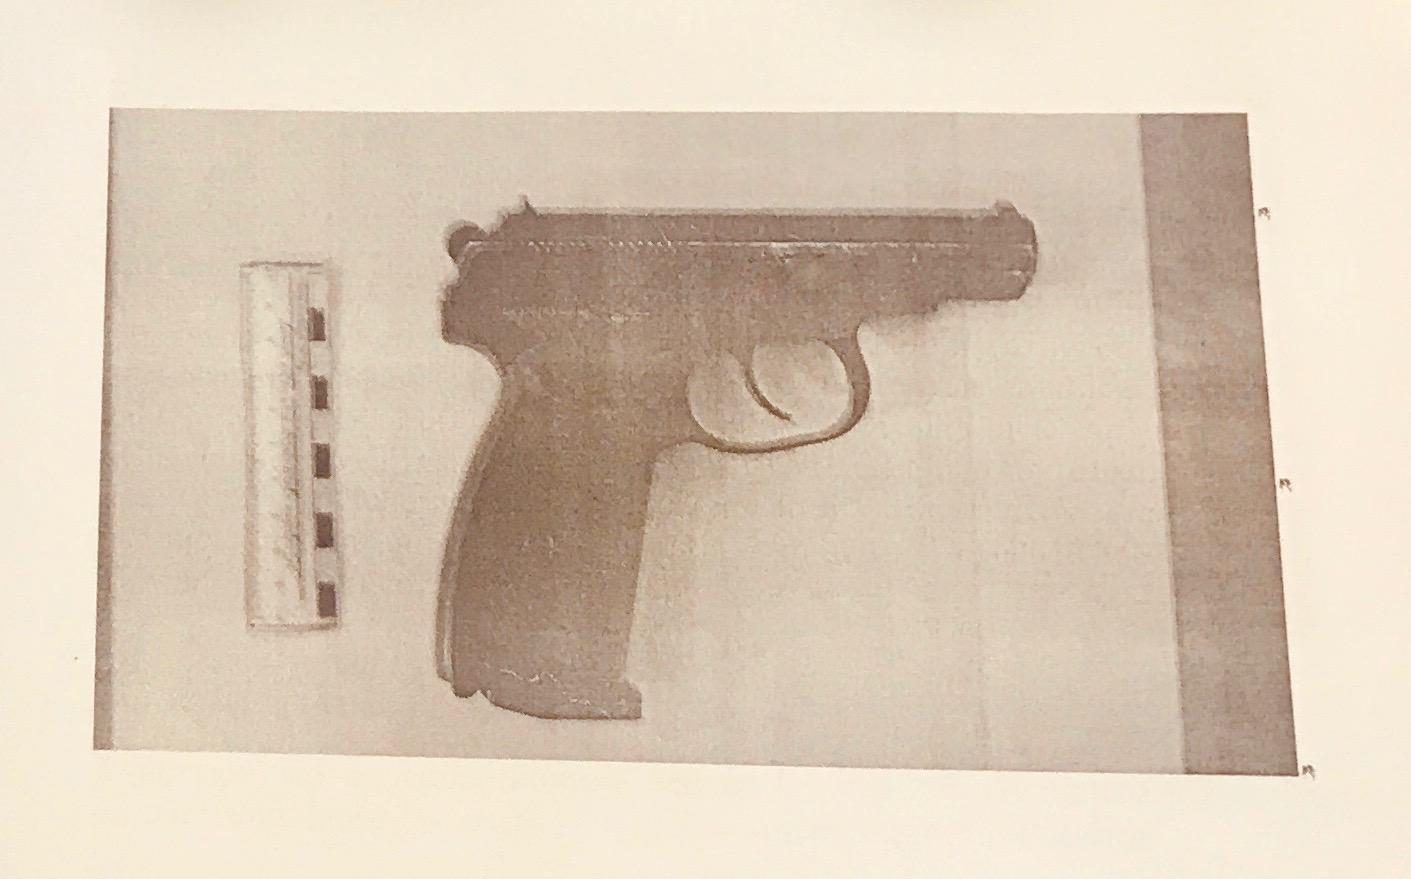 Работаю на следствии по обвинению в приобретении и хранении оружия по ч. 3 ст. 222 УК РФ.